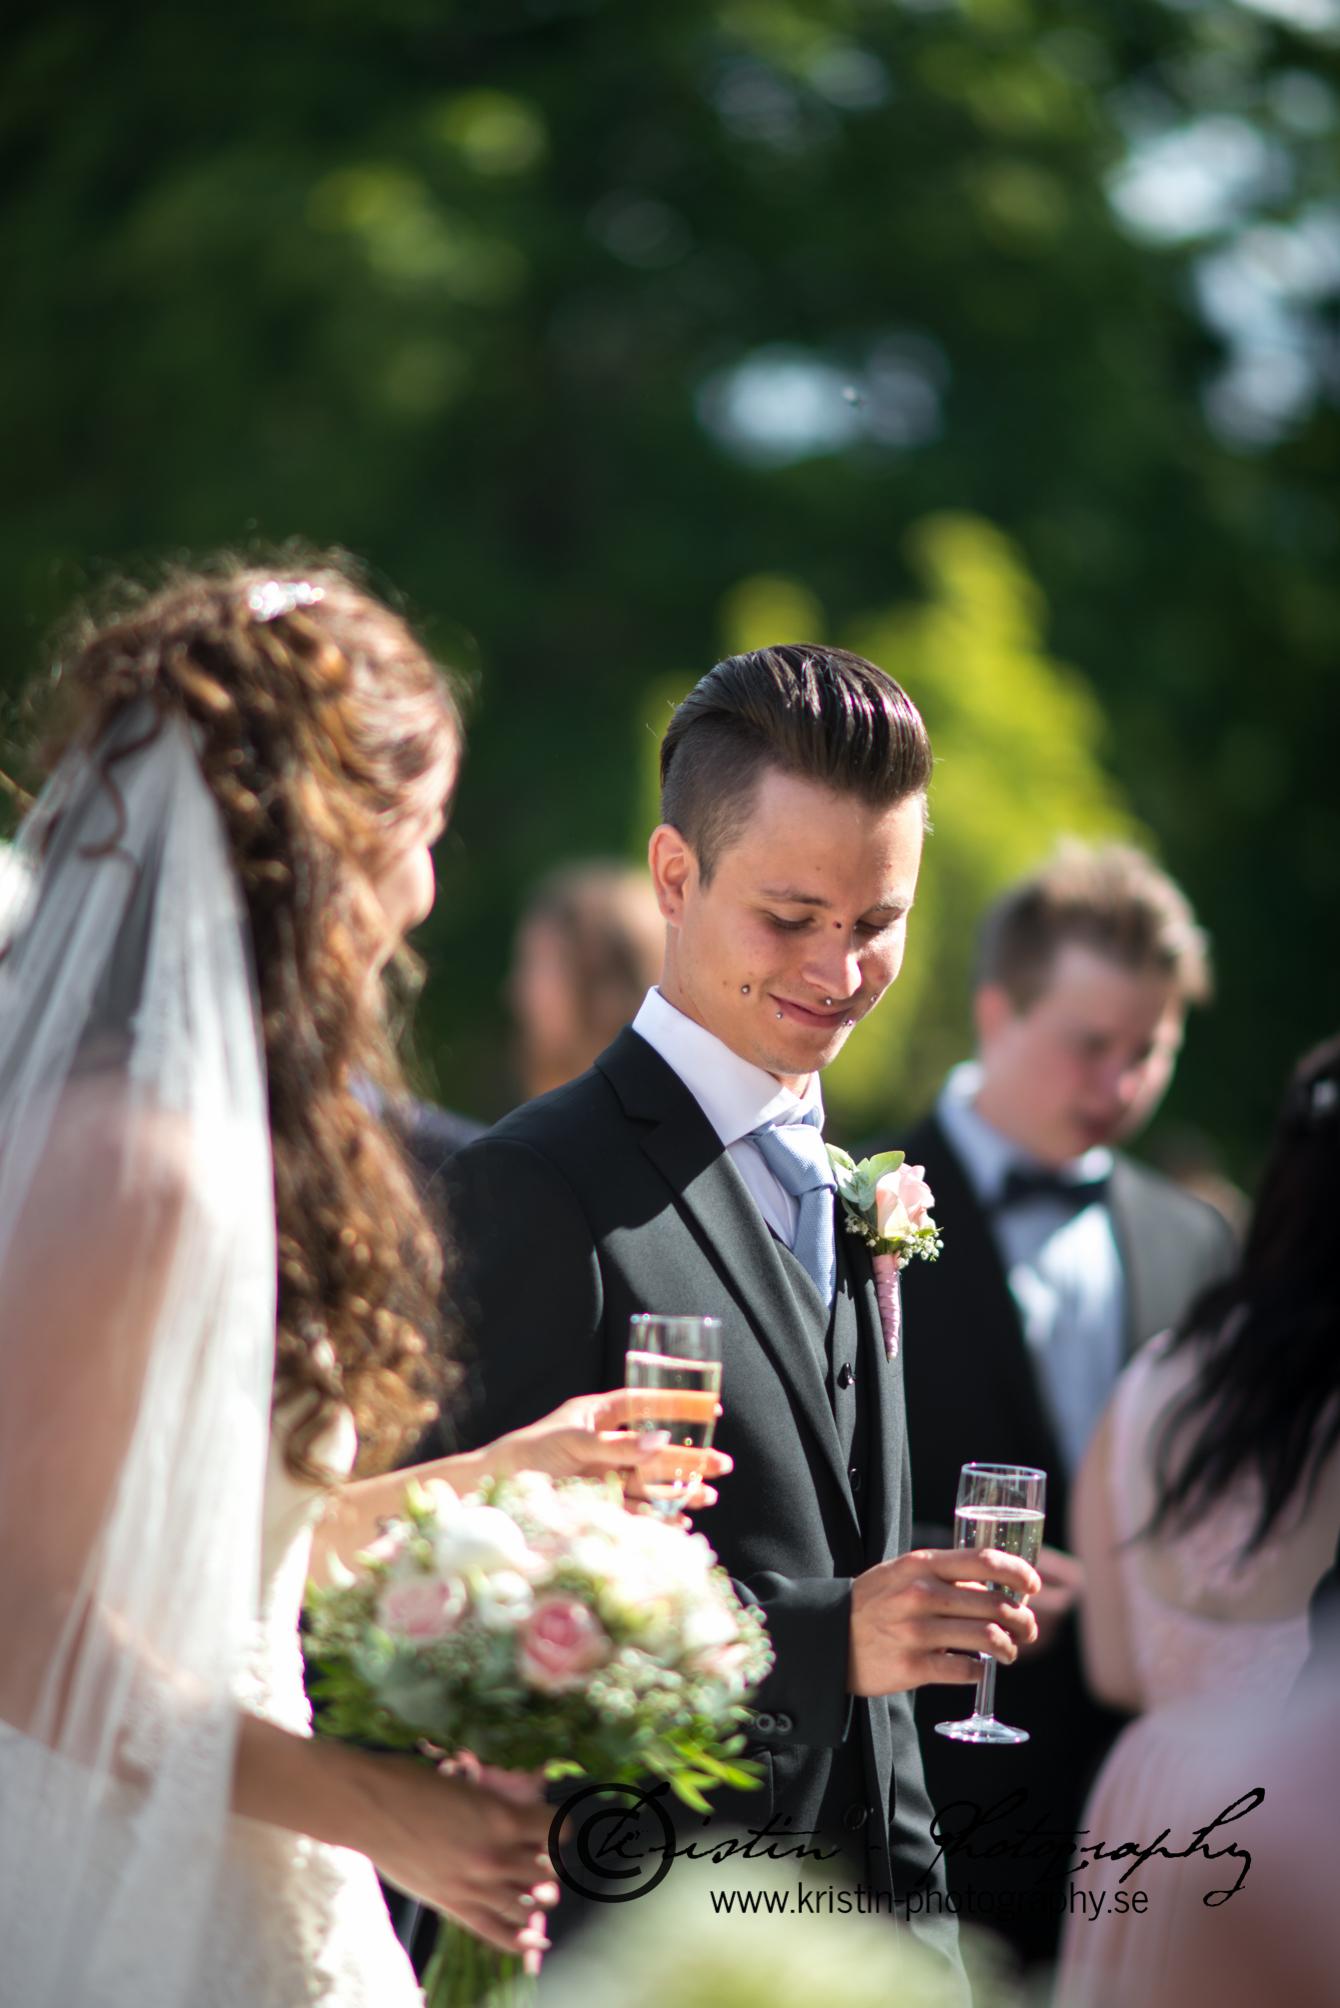 Bröllopsfotograf i Eskilstuna, Kristin - Photography, weddingphotographer -235.jpg